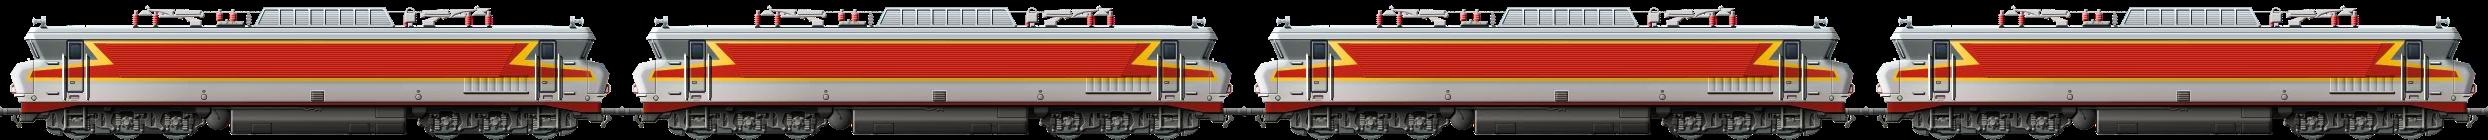 CC 21000 Quad